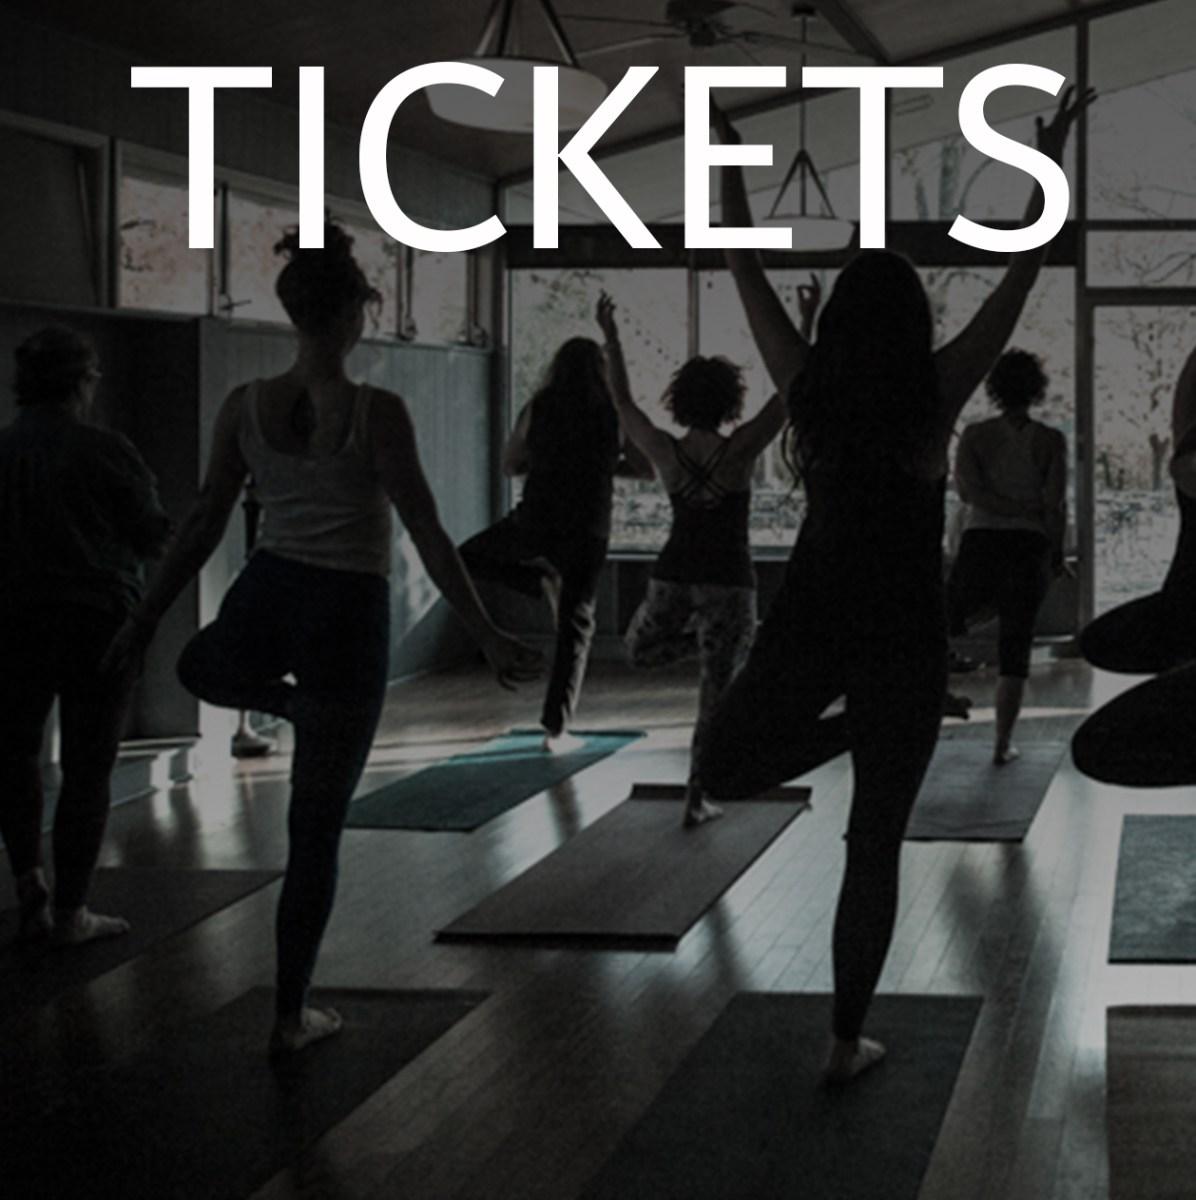 Fayetteville yoga fest tickets. Fayetteville, AR, Mount Sequoyah. Downtown Fayetteville